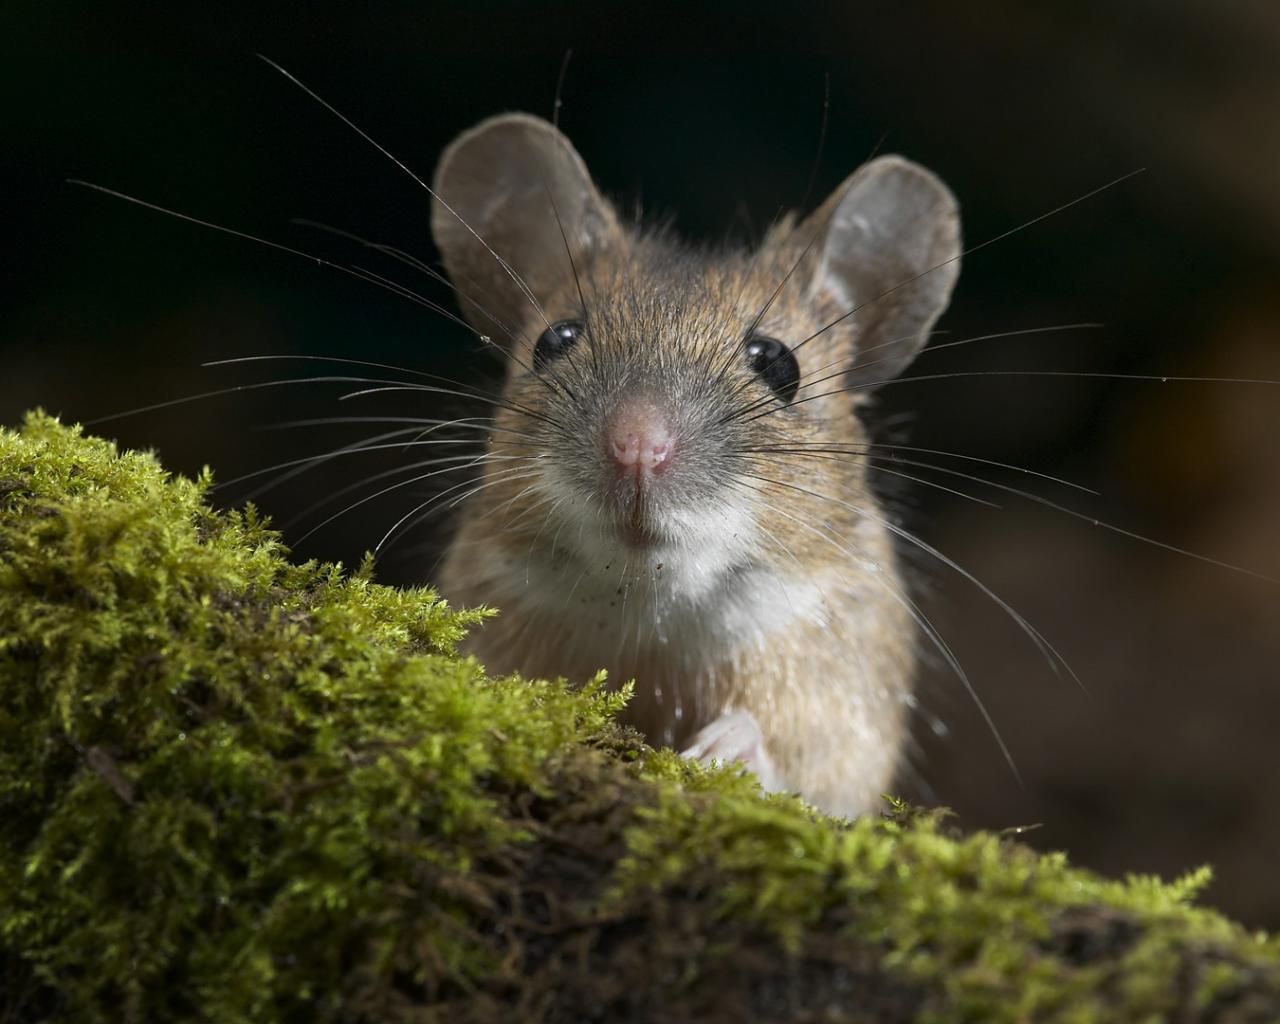 К чему снятся мыши в большом количестве? Сонник мыши